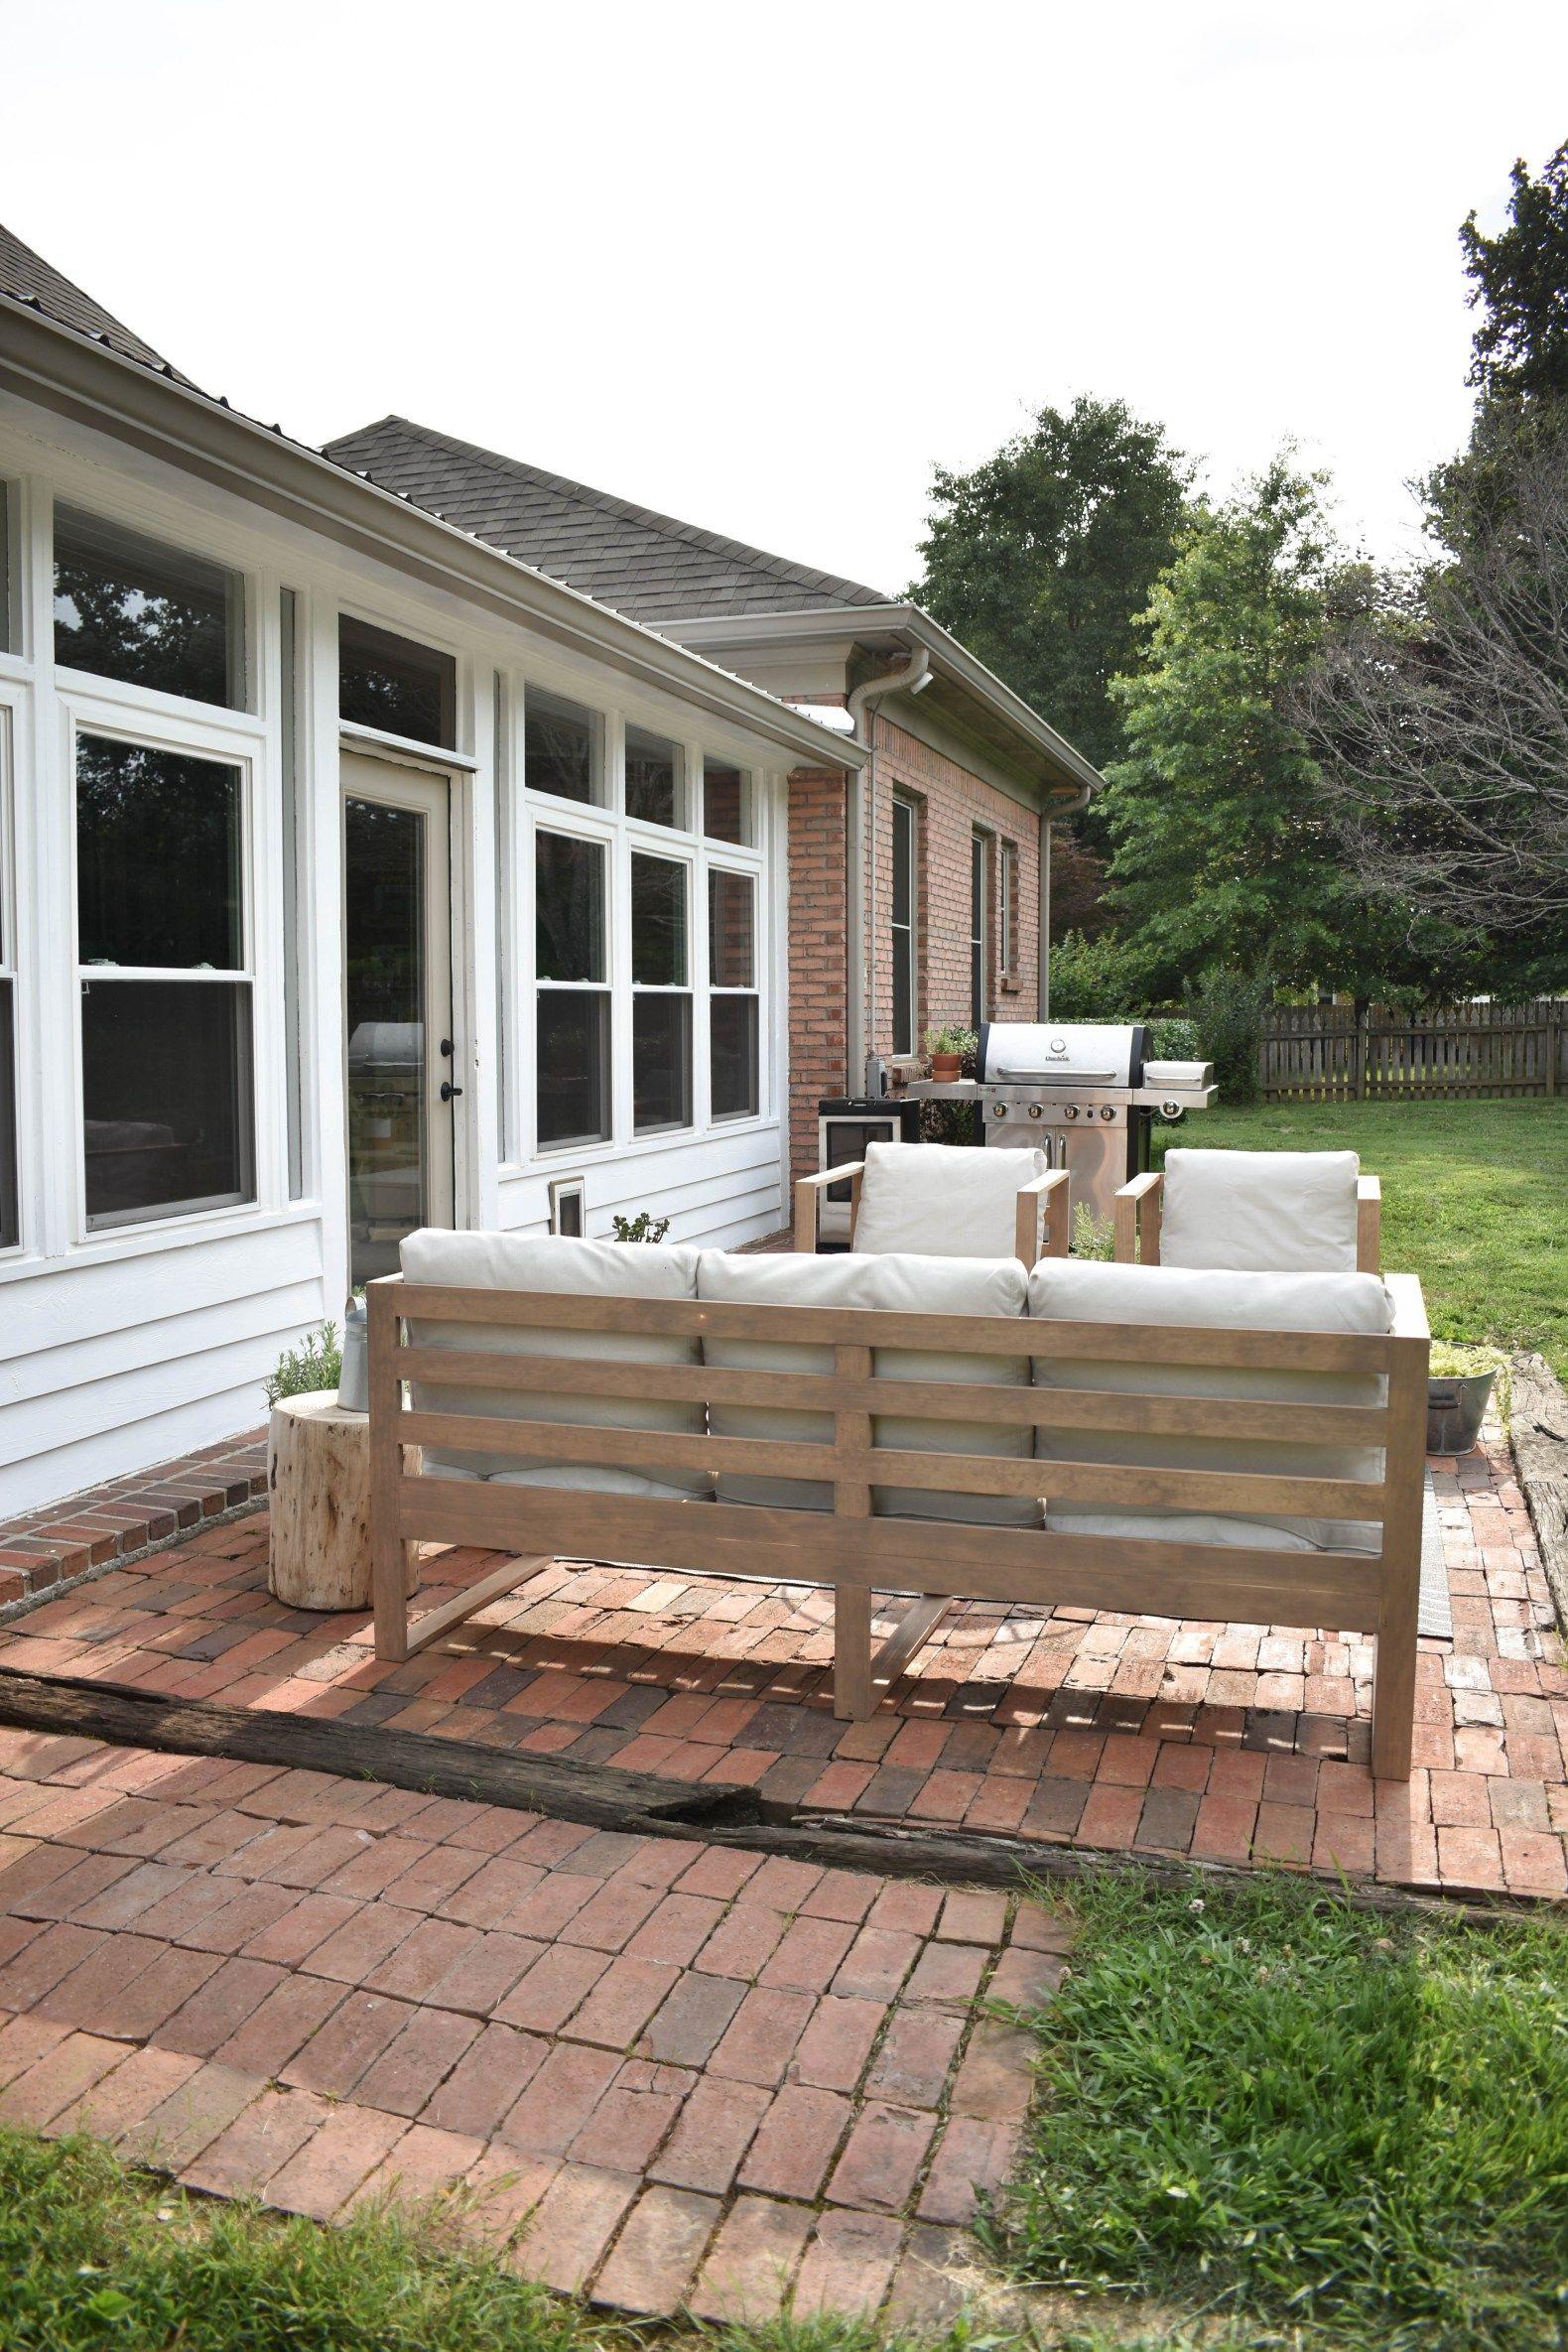 Diy modern outdoor sofa in 2020 modern outdoor sofas